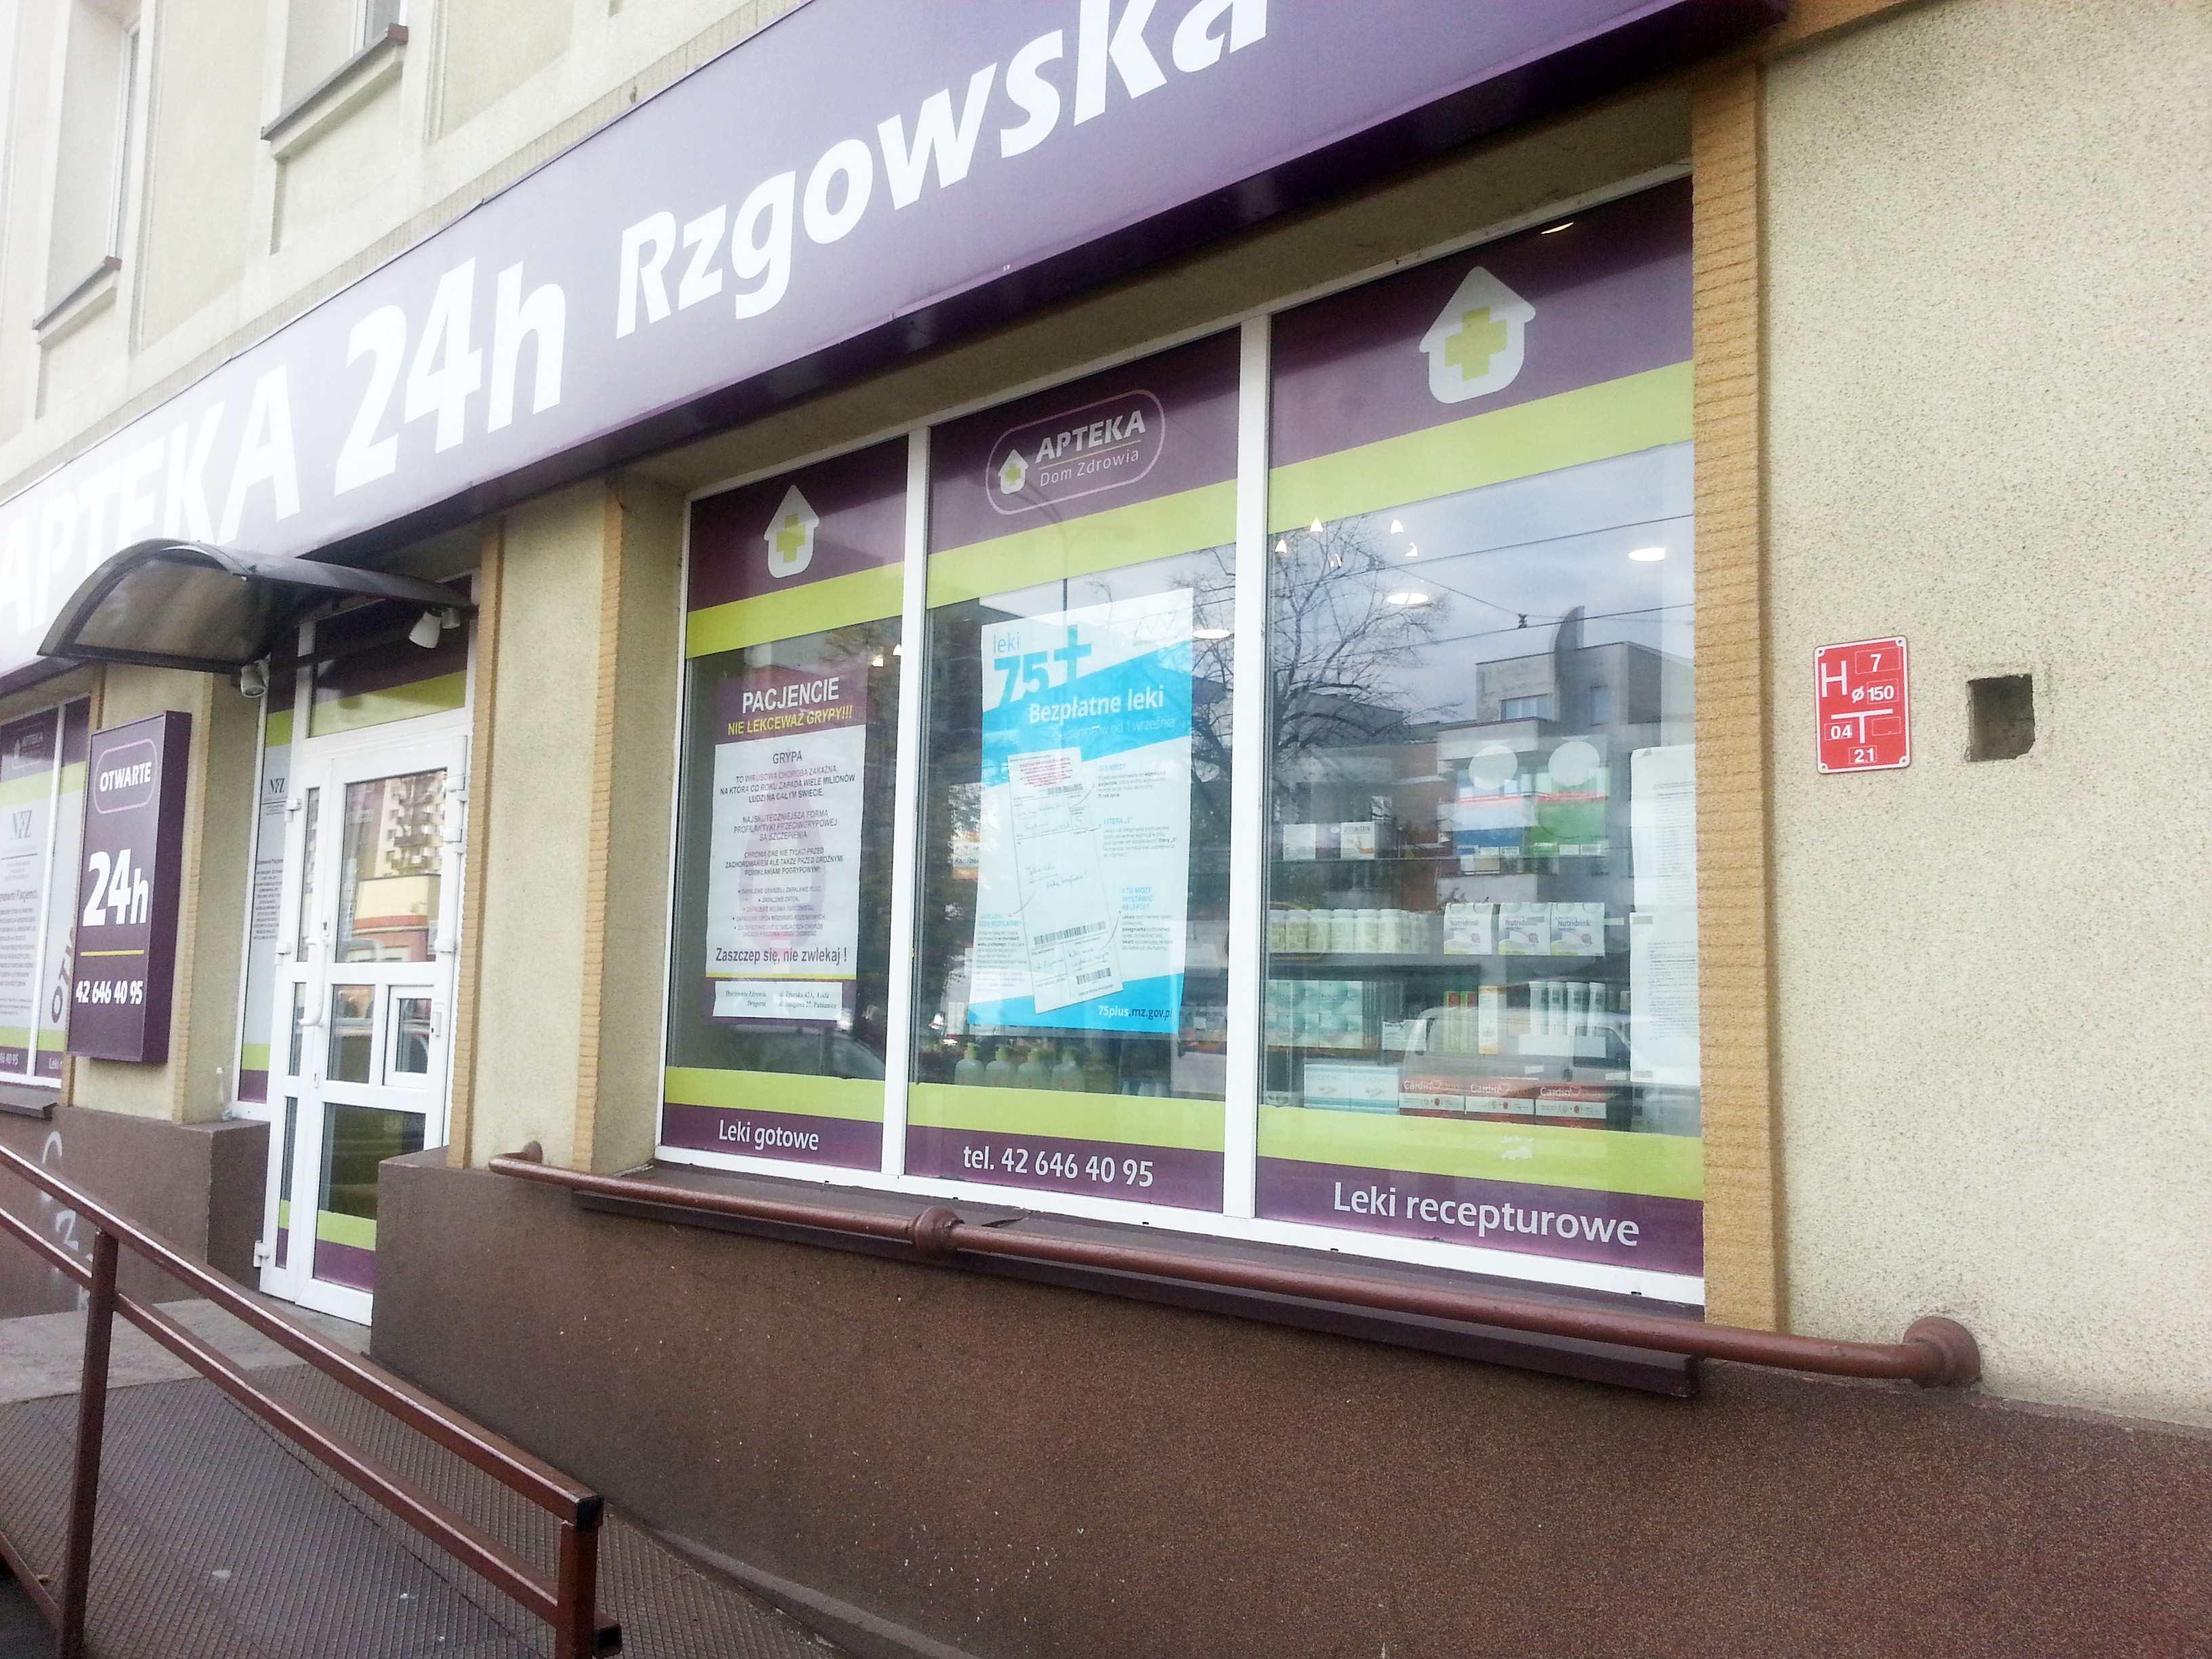 Apteka Łódź Rzgowska - aptekidarzdrowia.pl